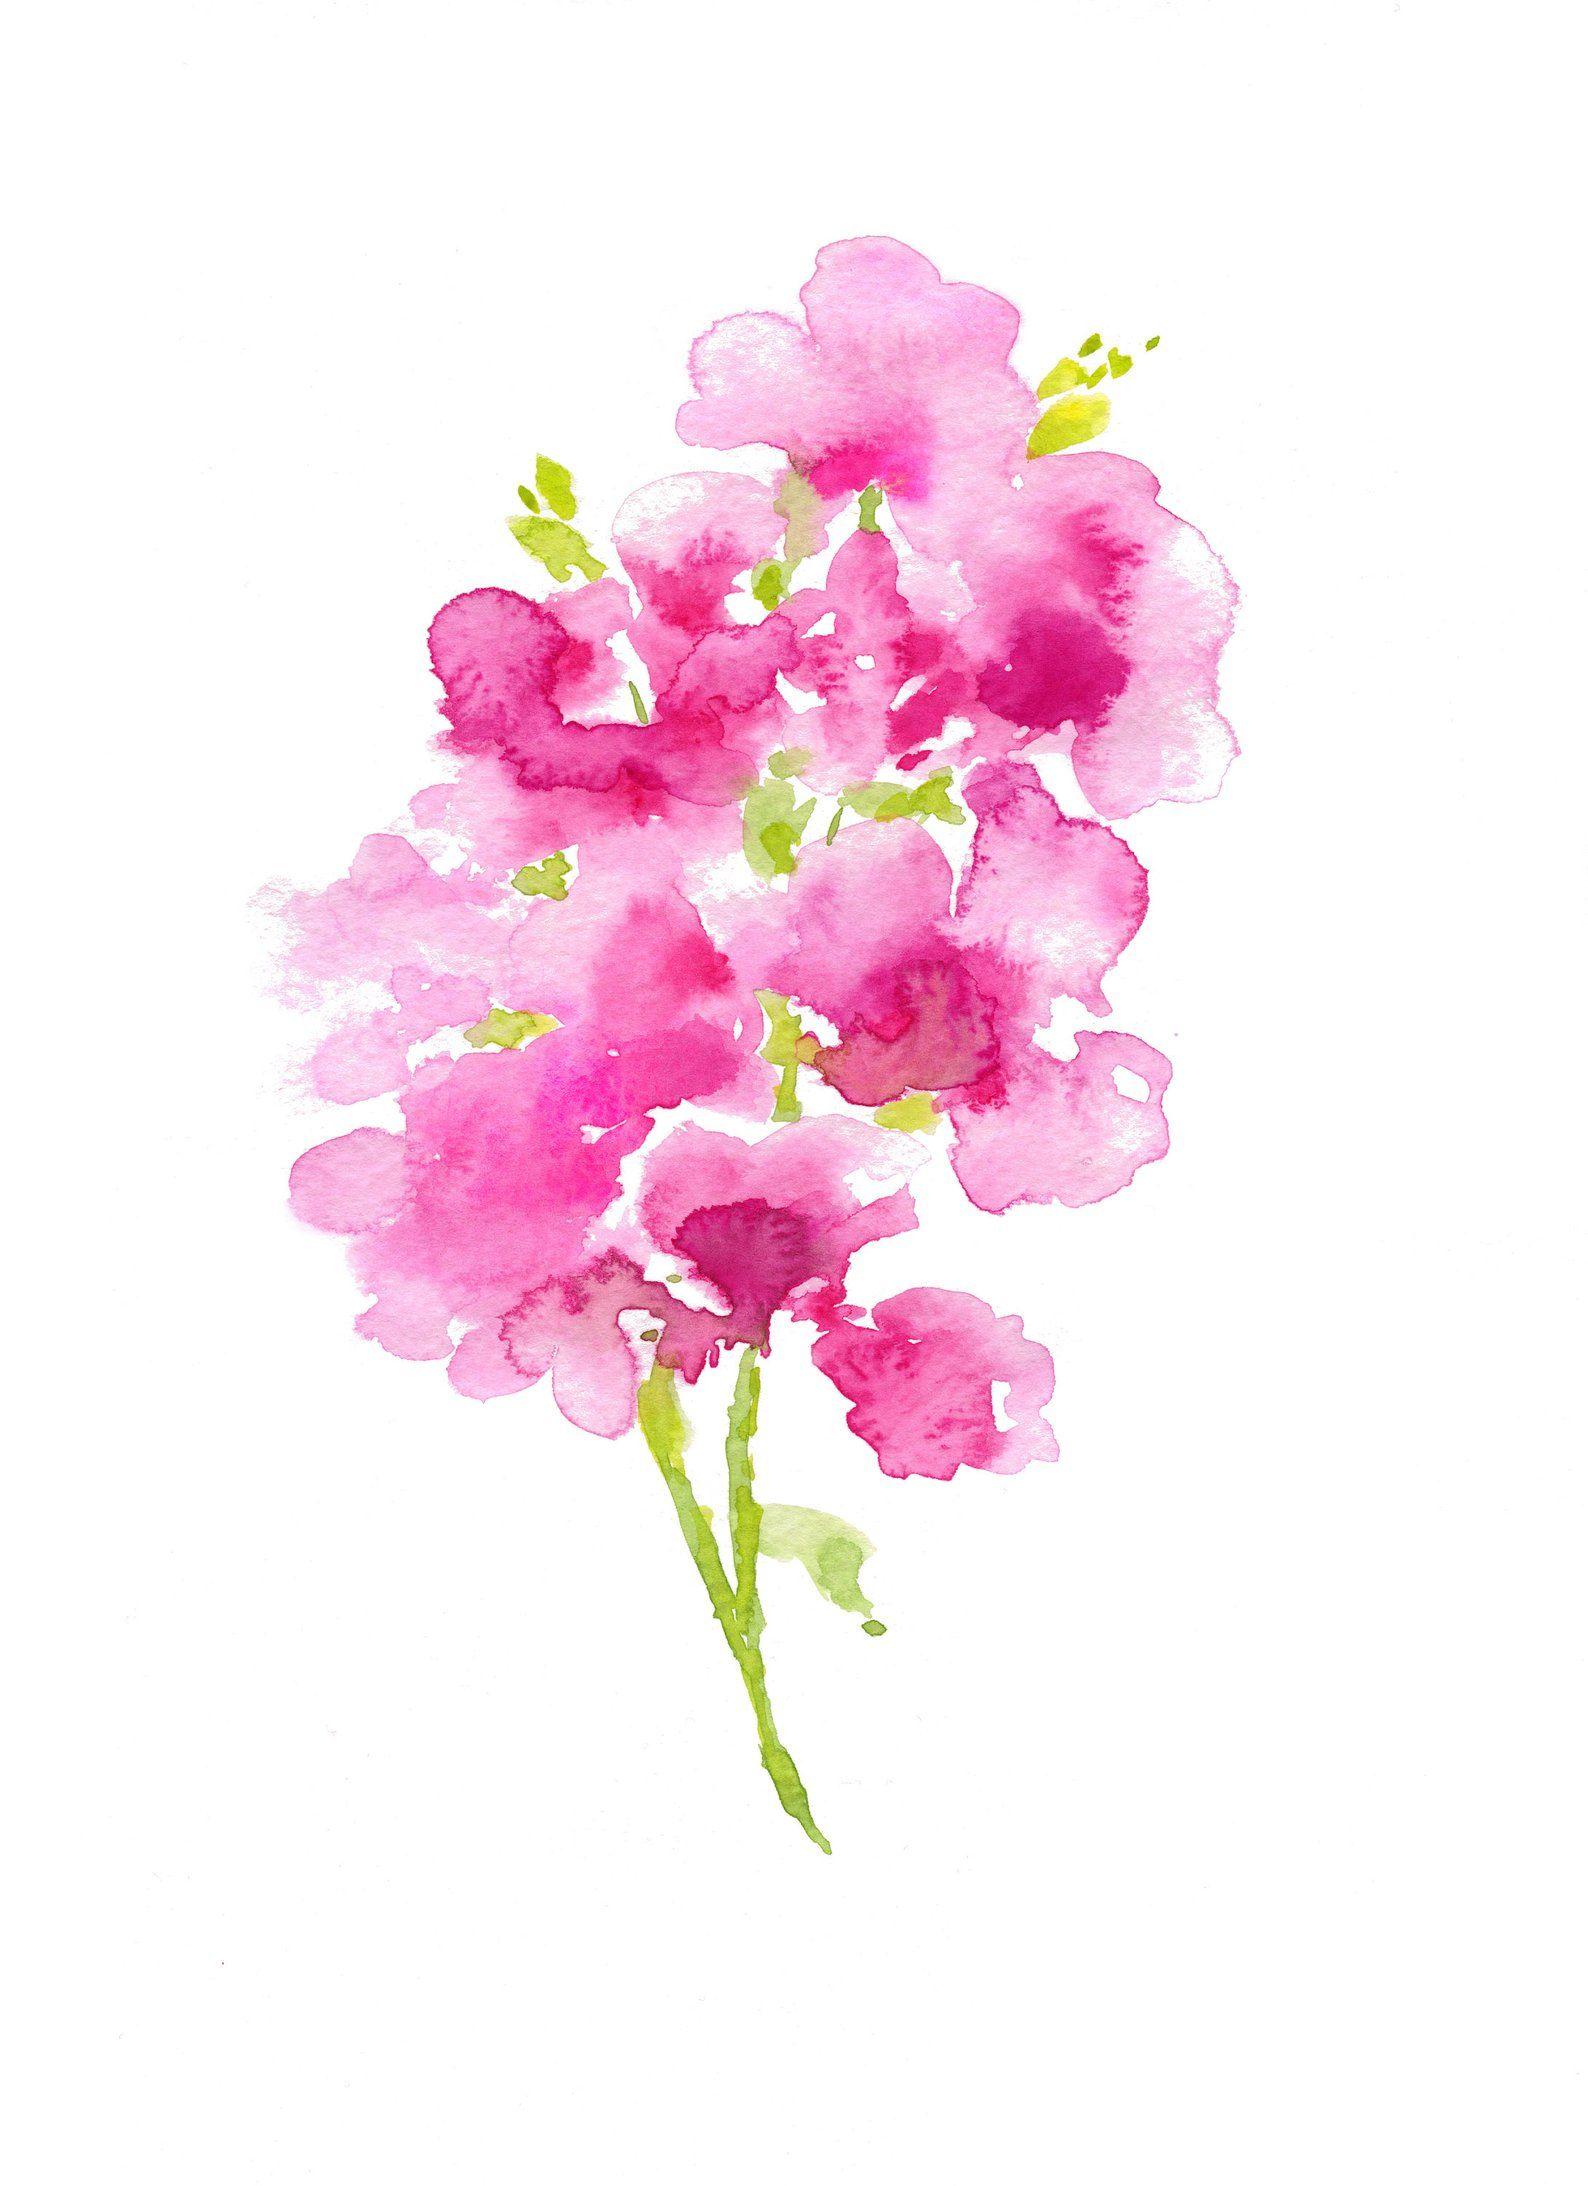 Contemporary Floral Watercolor Digital Download Original Abstract